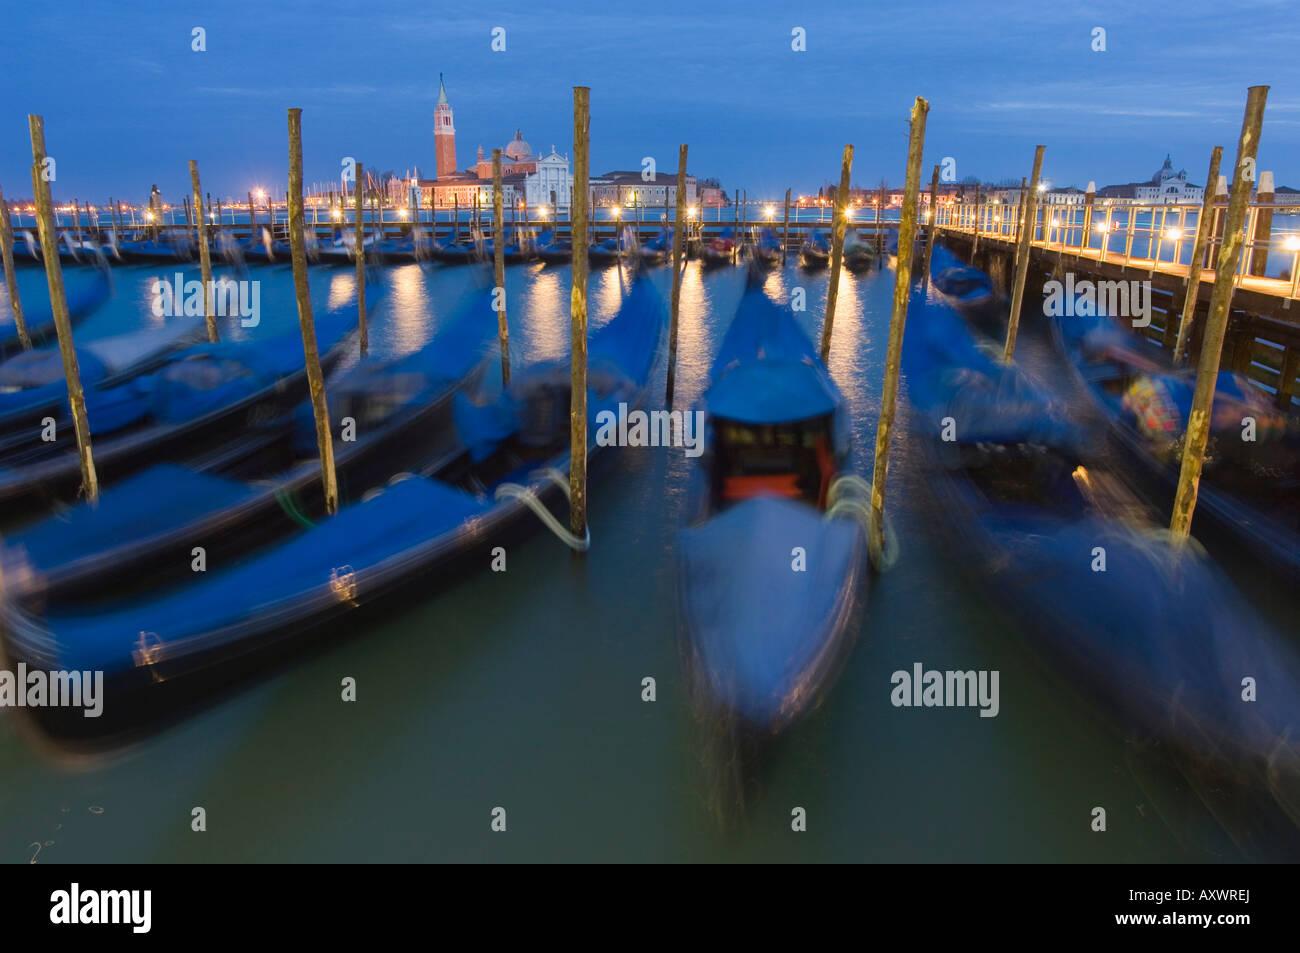 Gondolas on waterfront at night, San Giorgio Maggiore, Venice, UNESCO World Heritage Site, Veneto, Italy, Europe - Stock Image